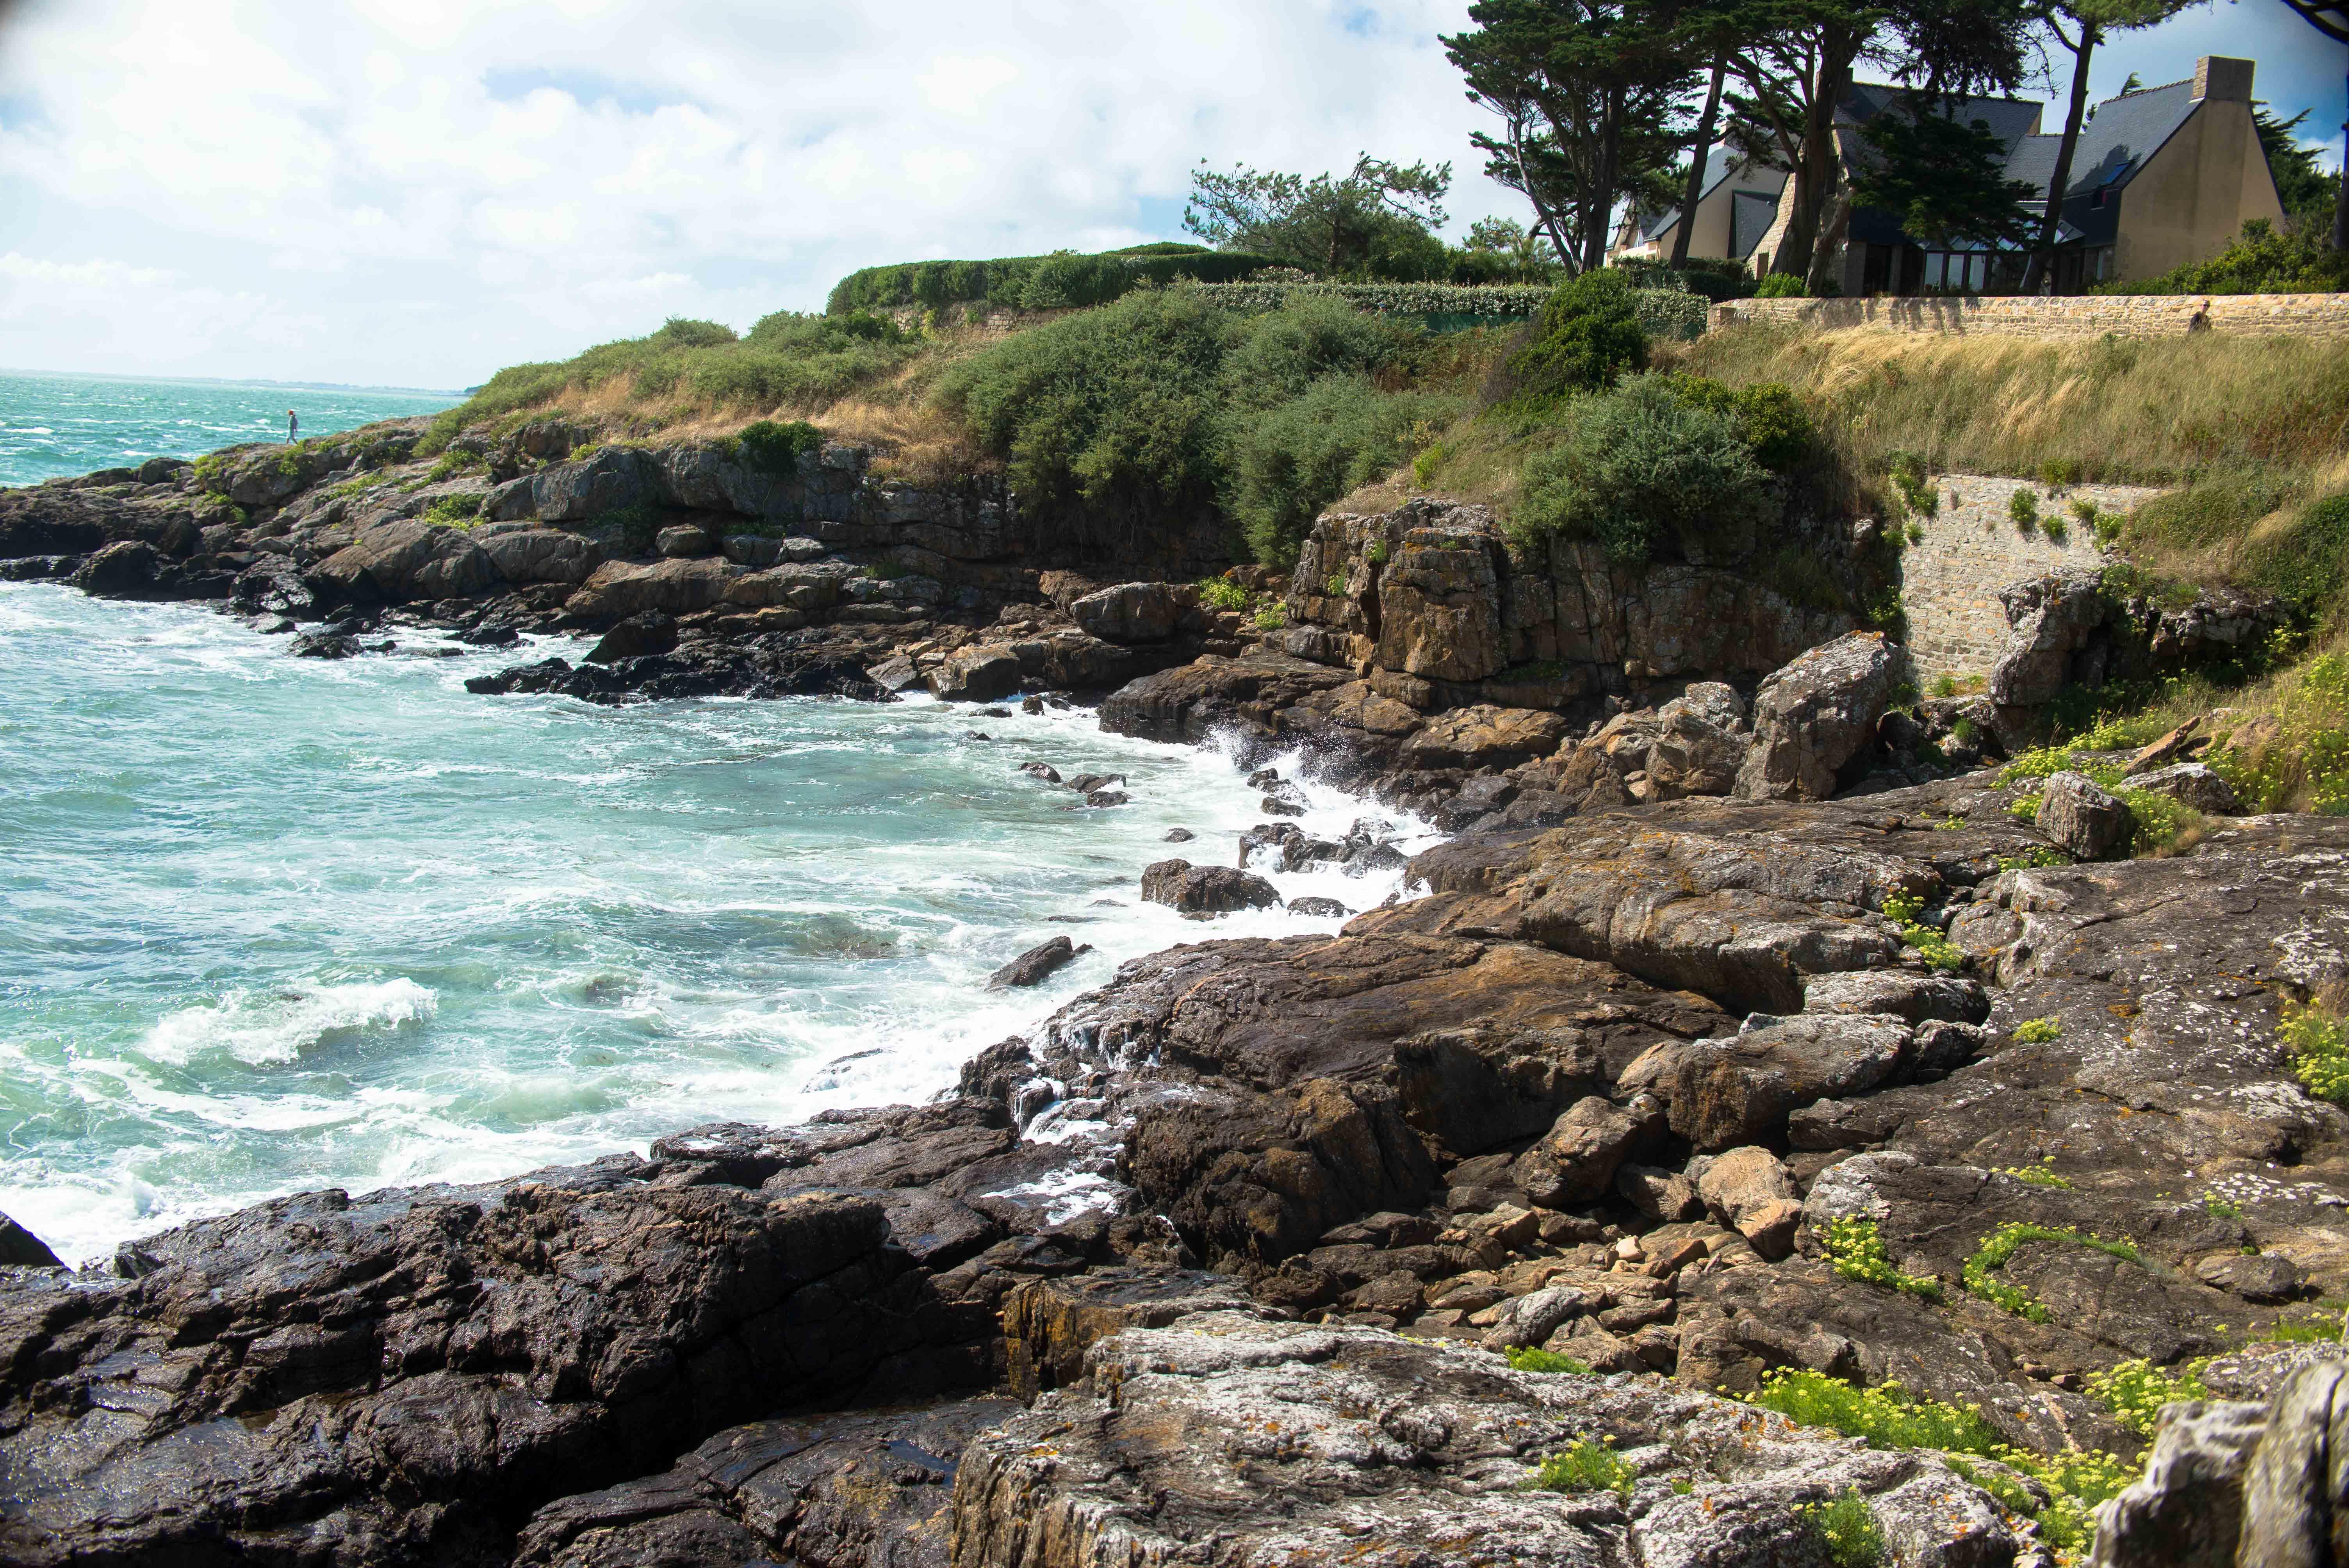 Détail de la côte et des vagues dans le Morbihan